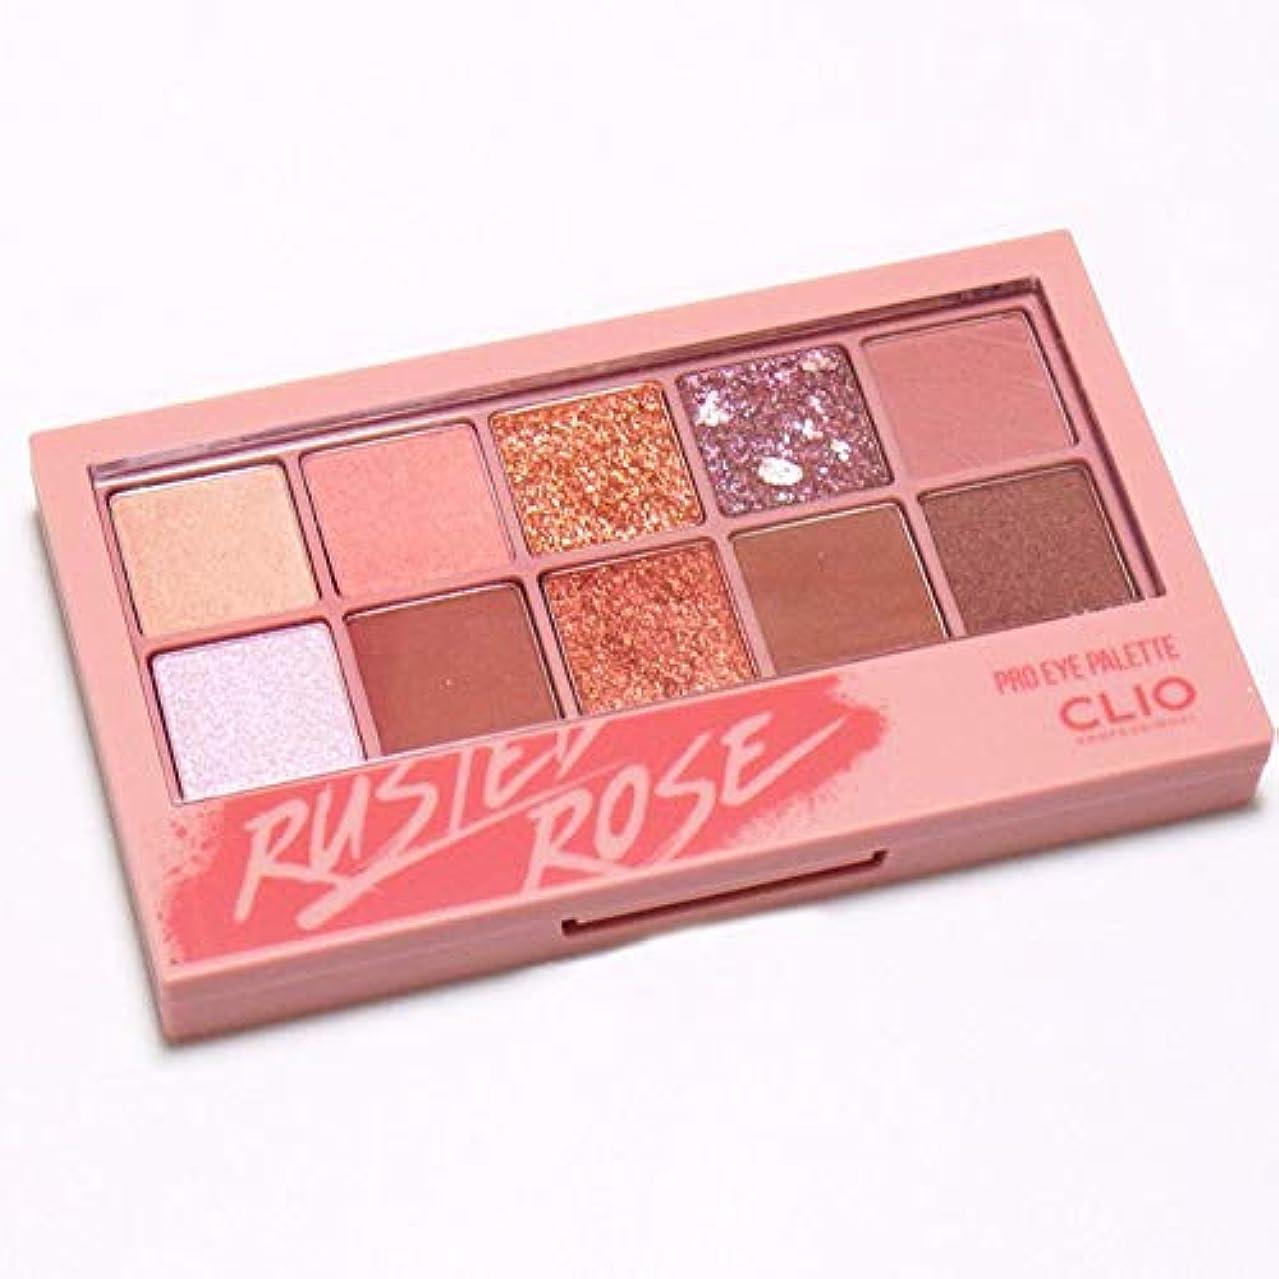 ウィザード大気構造クリオ プロアイパレット Clio Pro Eye Palette (#05 Rusted Rose) [並行輸入品]